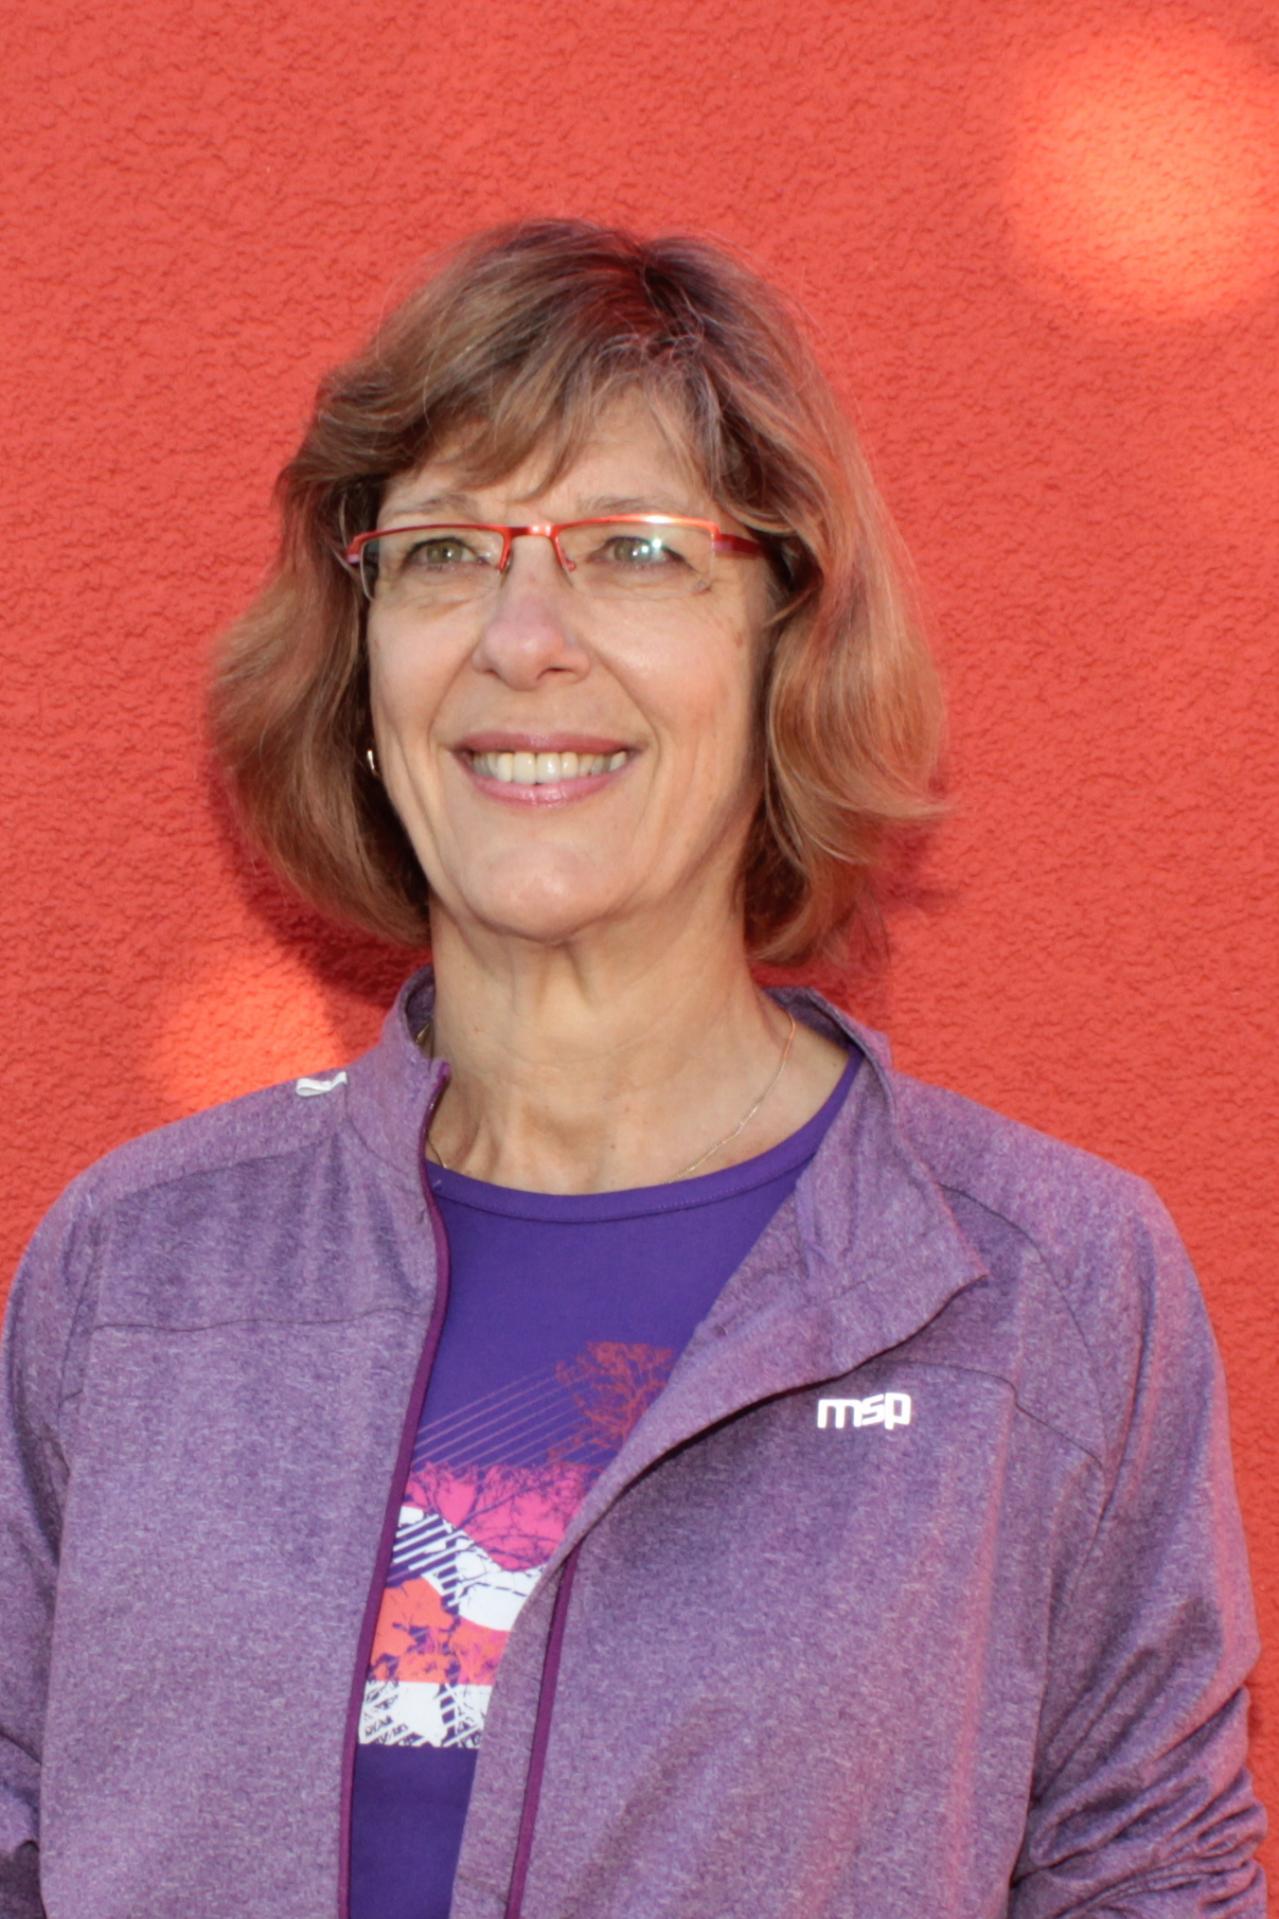 Sibila Hoermann-Leys